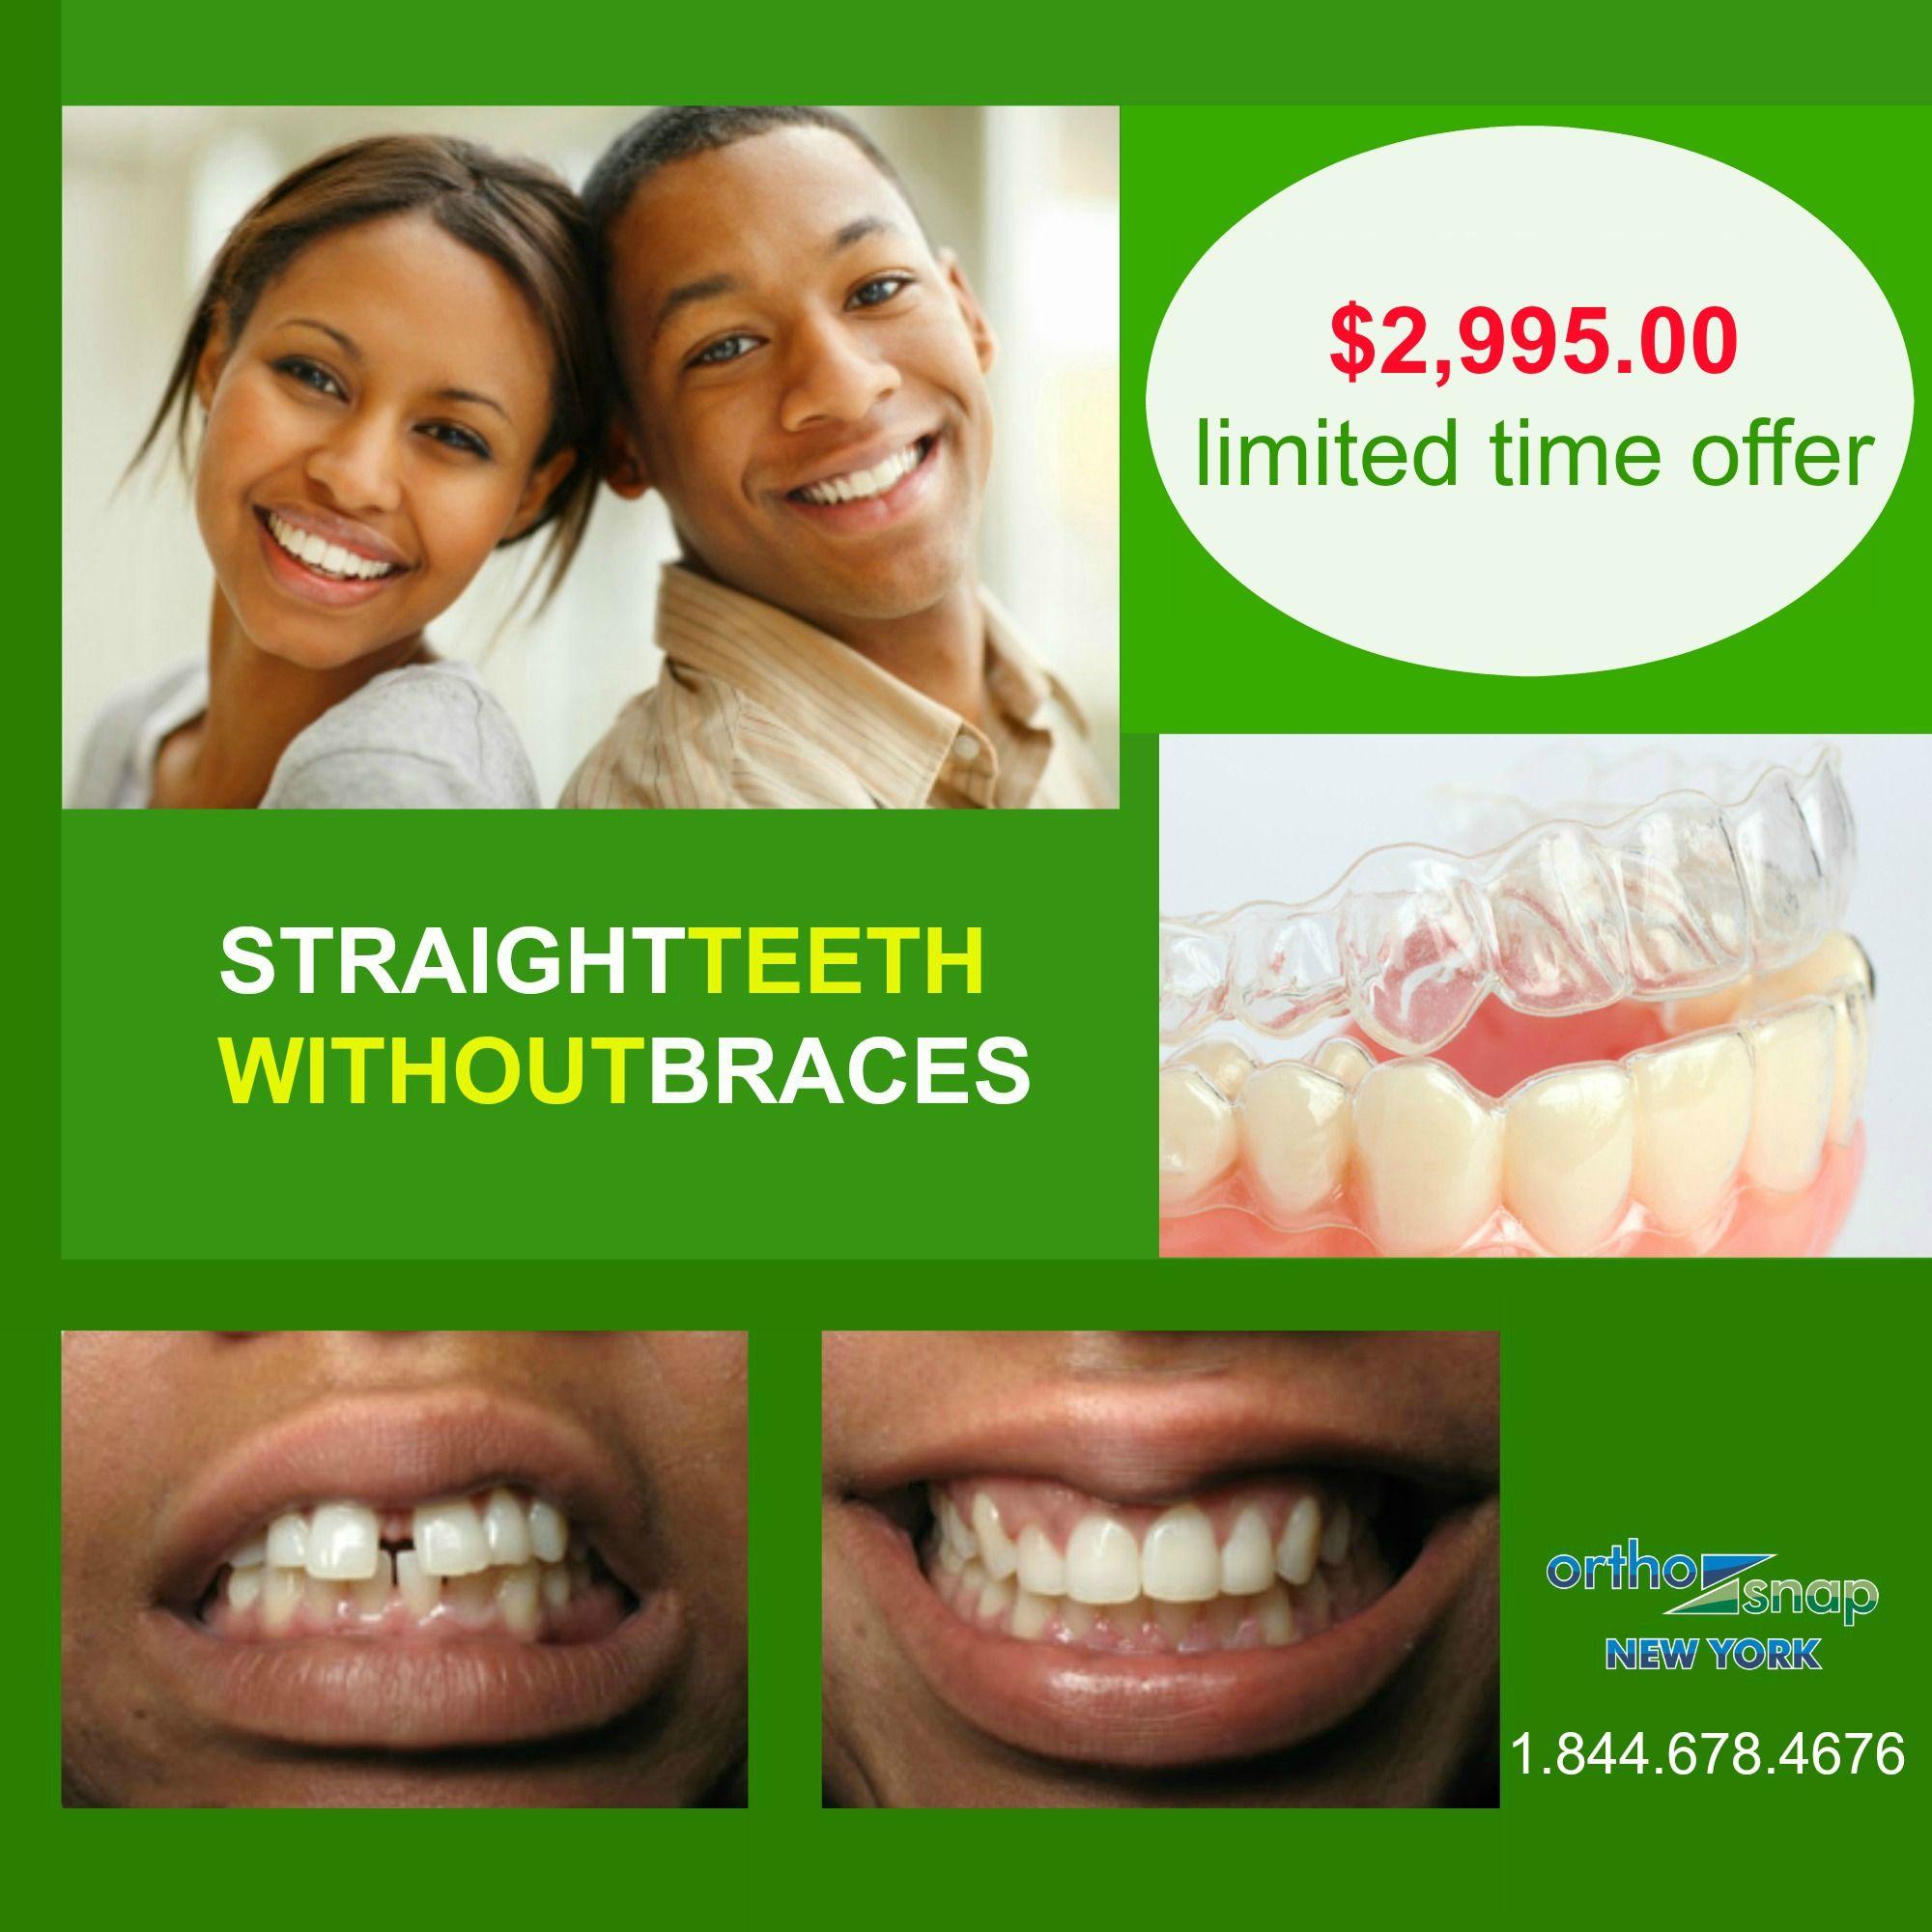 Limited time offer. 2,995.00 (regular 5,500.00) for